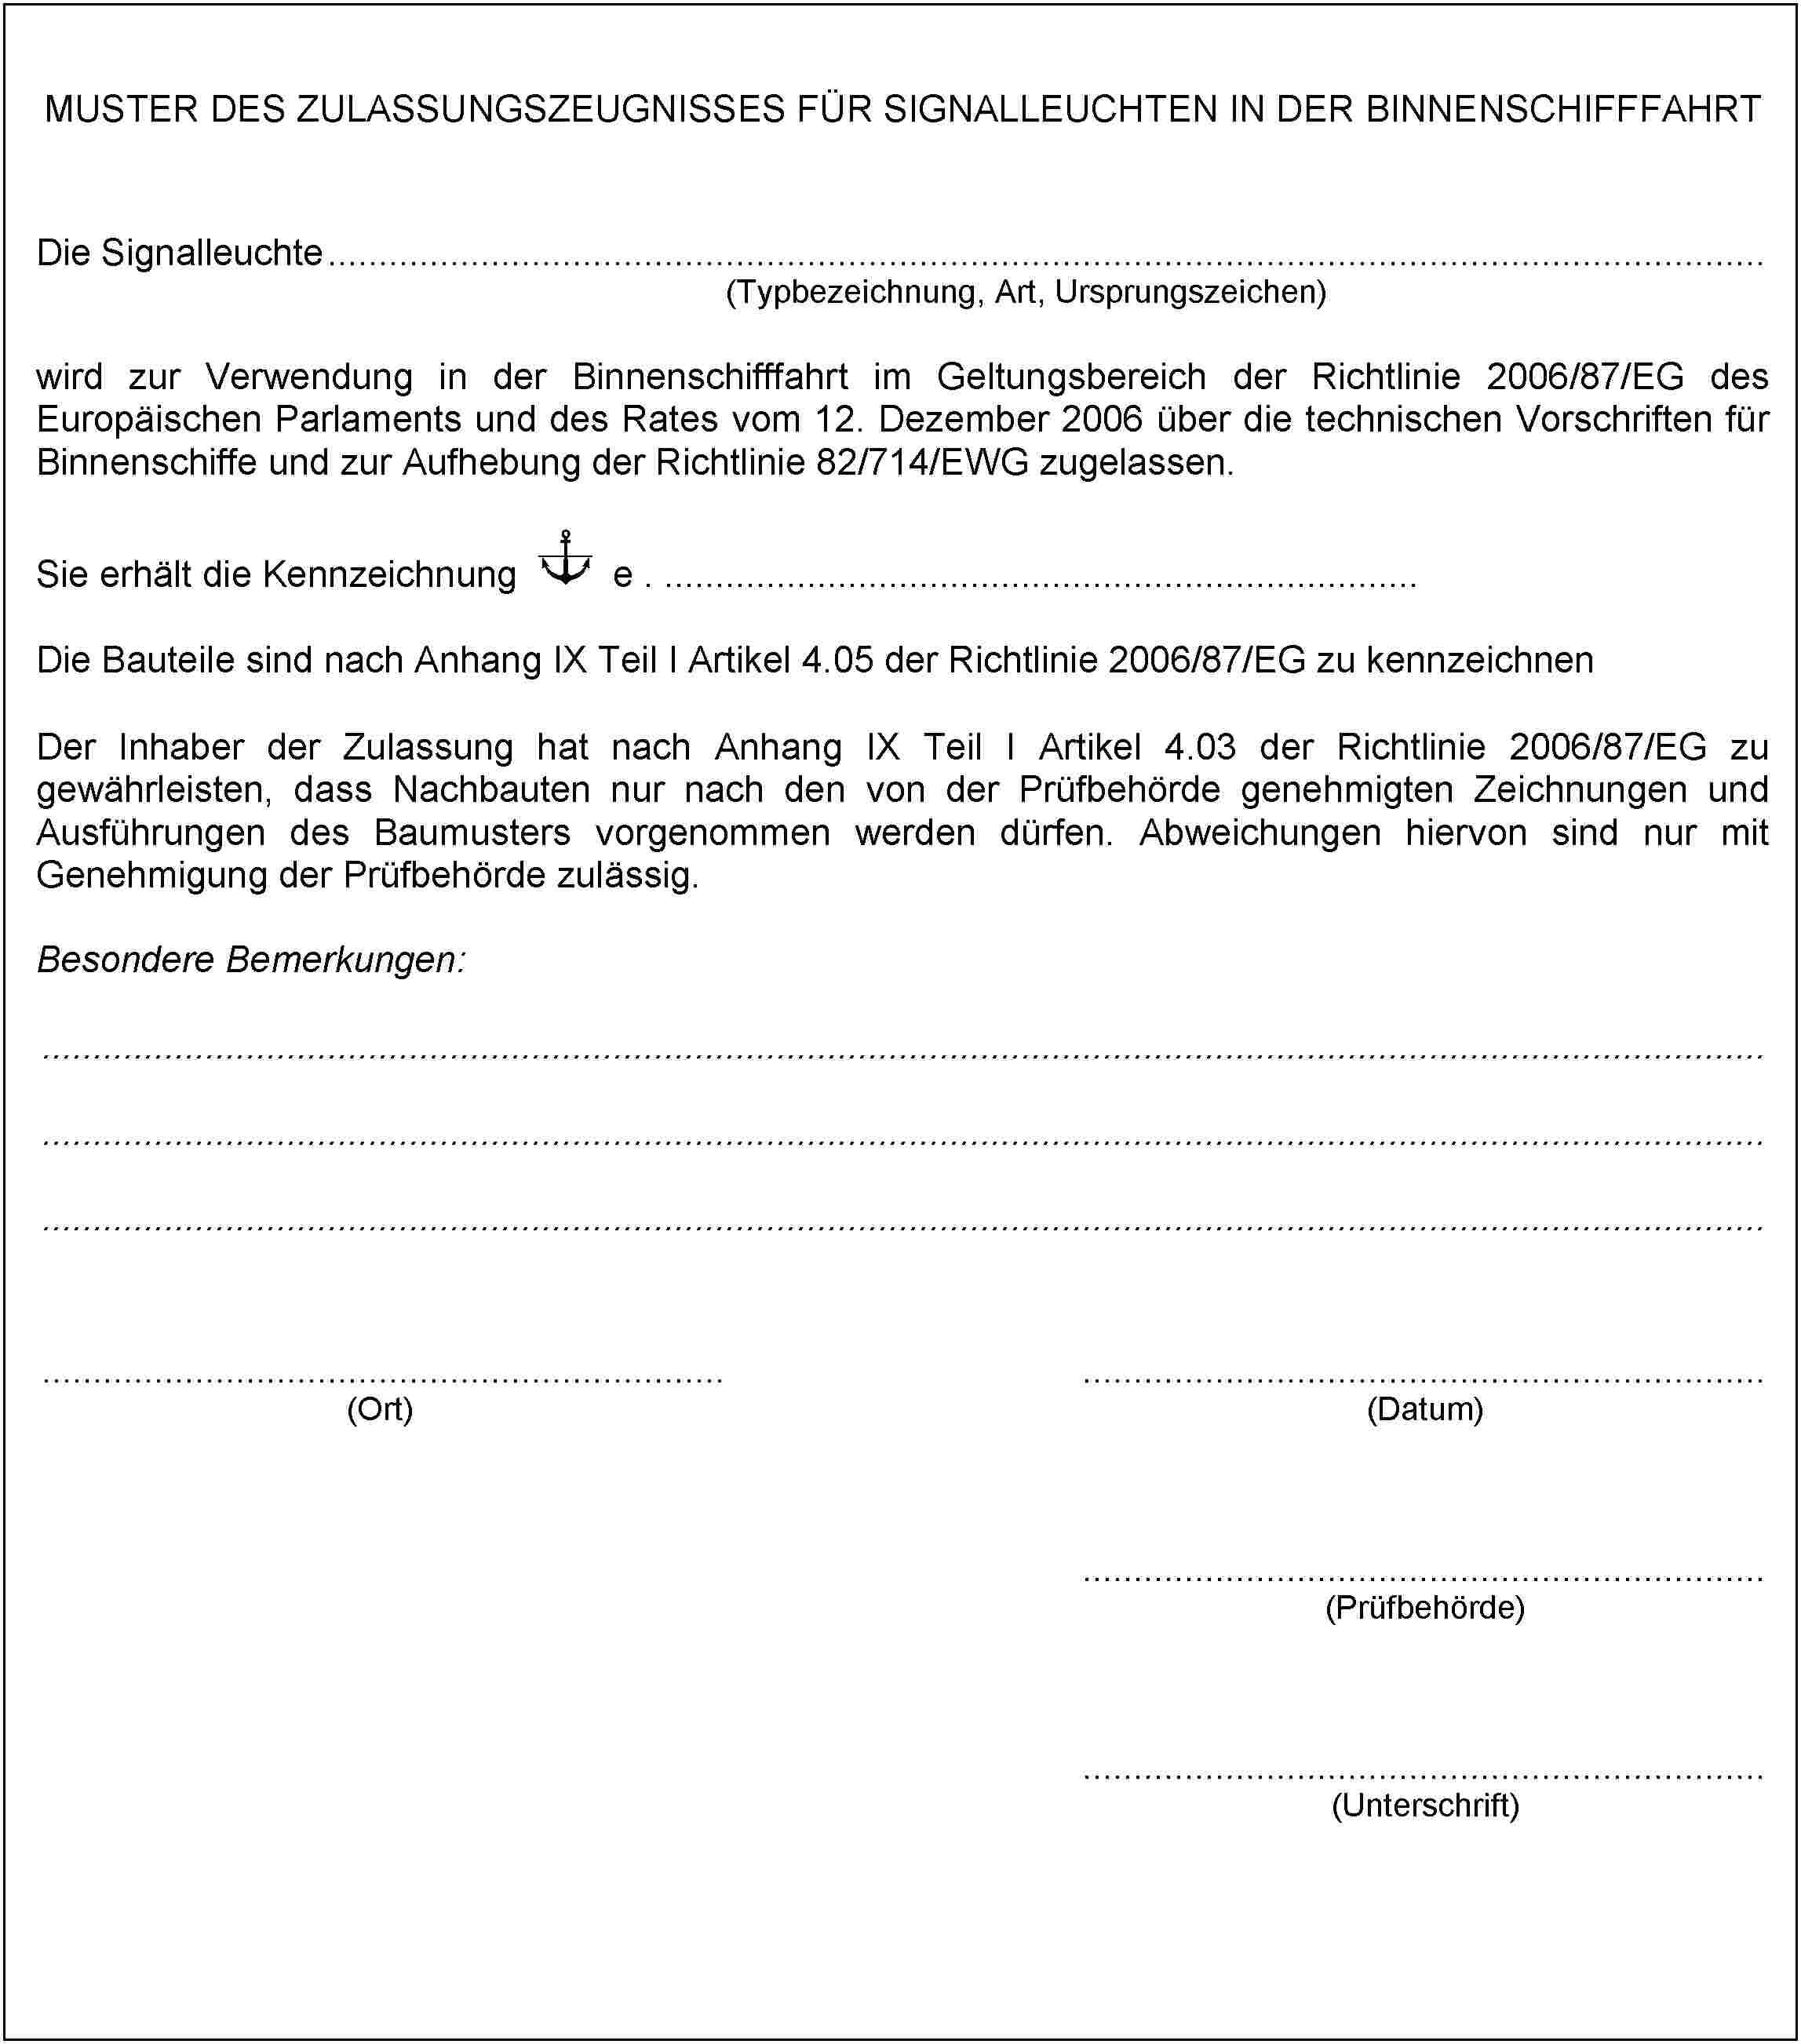 EUR-Lex - 02006L0087-20080627 - EN - EUR-Lex